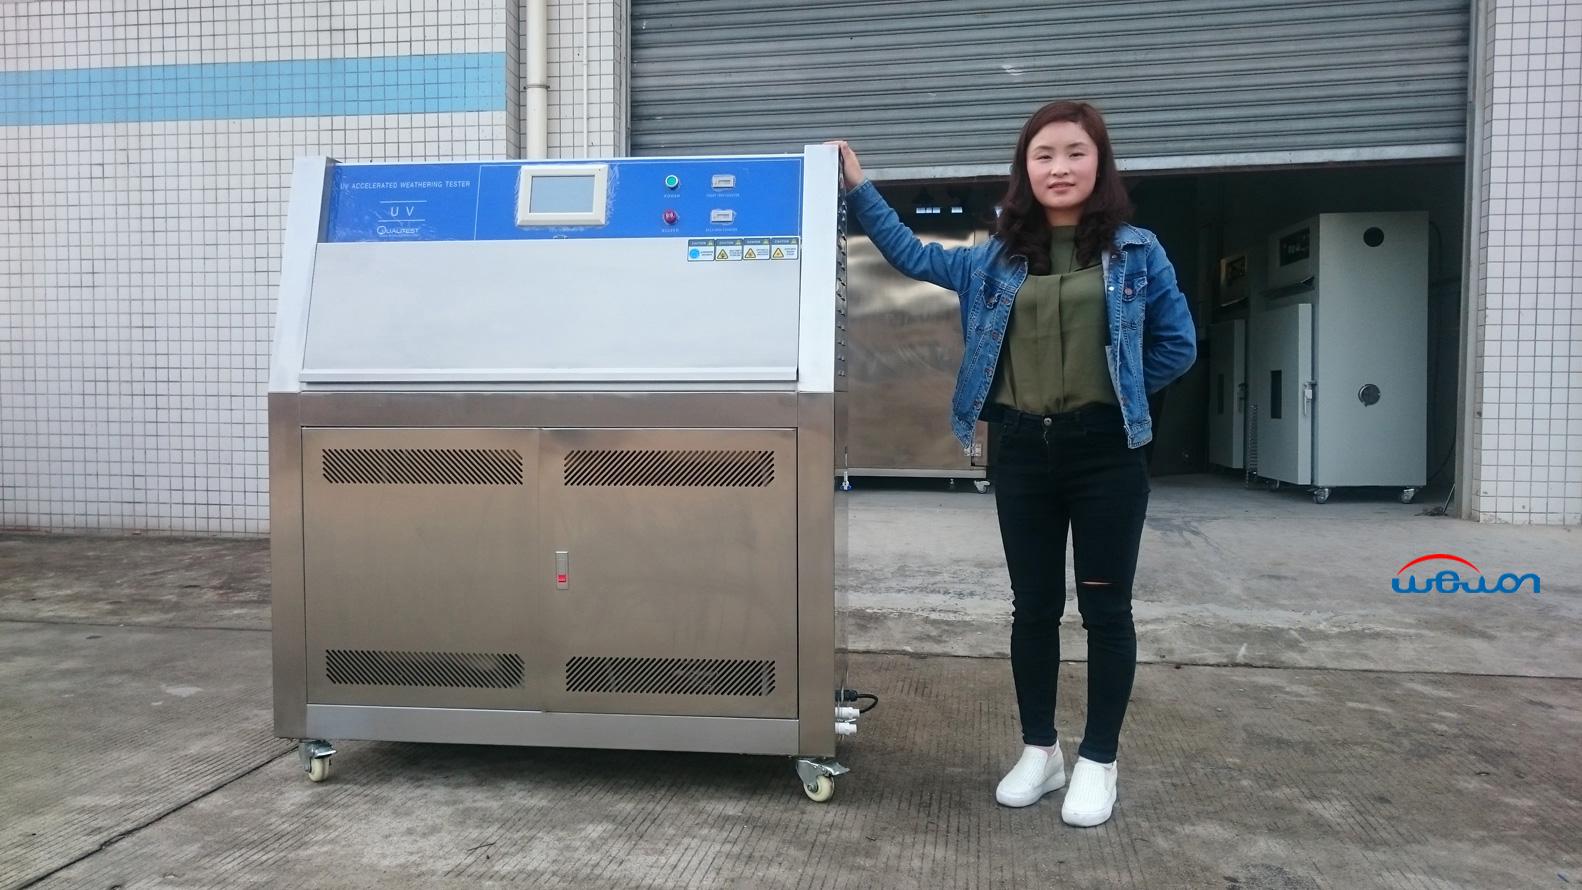 UV test chamber shipment